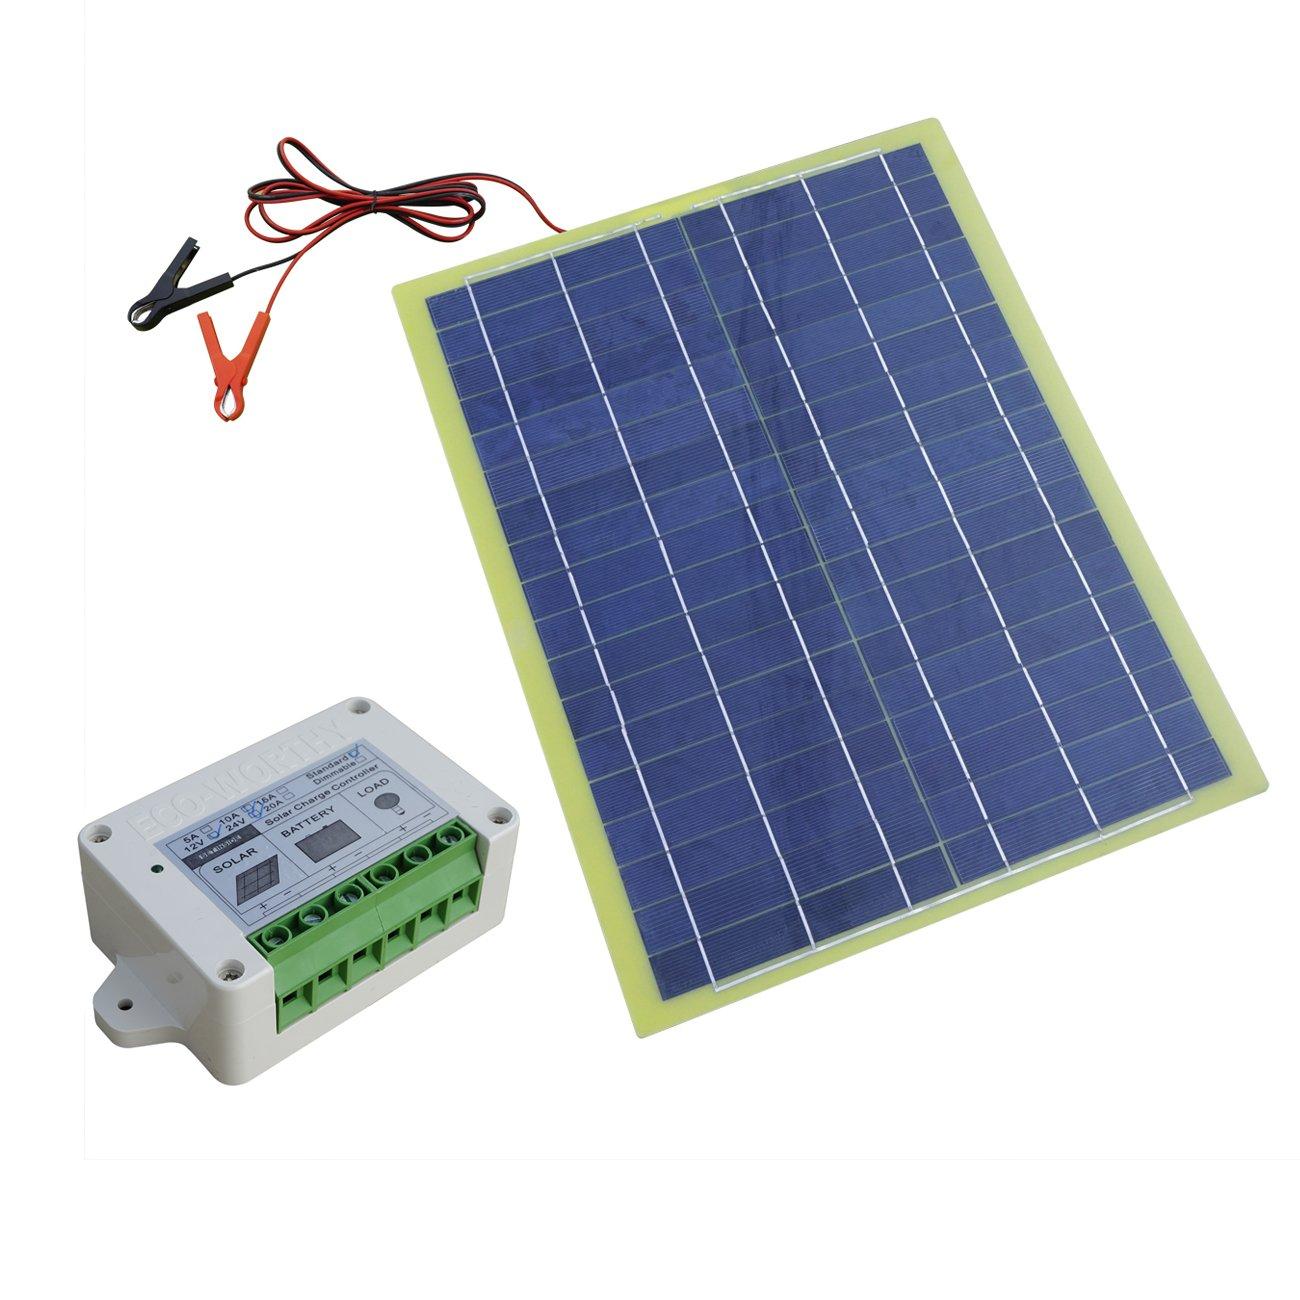 ECO-WORTHY 12V 20W Portable Epoxy Solar Panel Kit 20W Solar Module with 10A PWM Controller ECOWORTHY